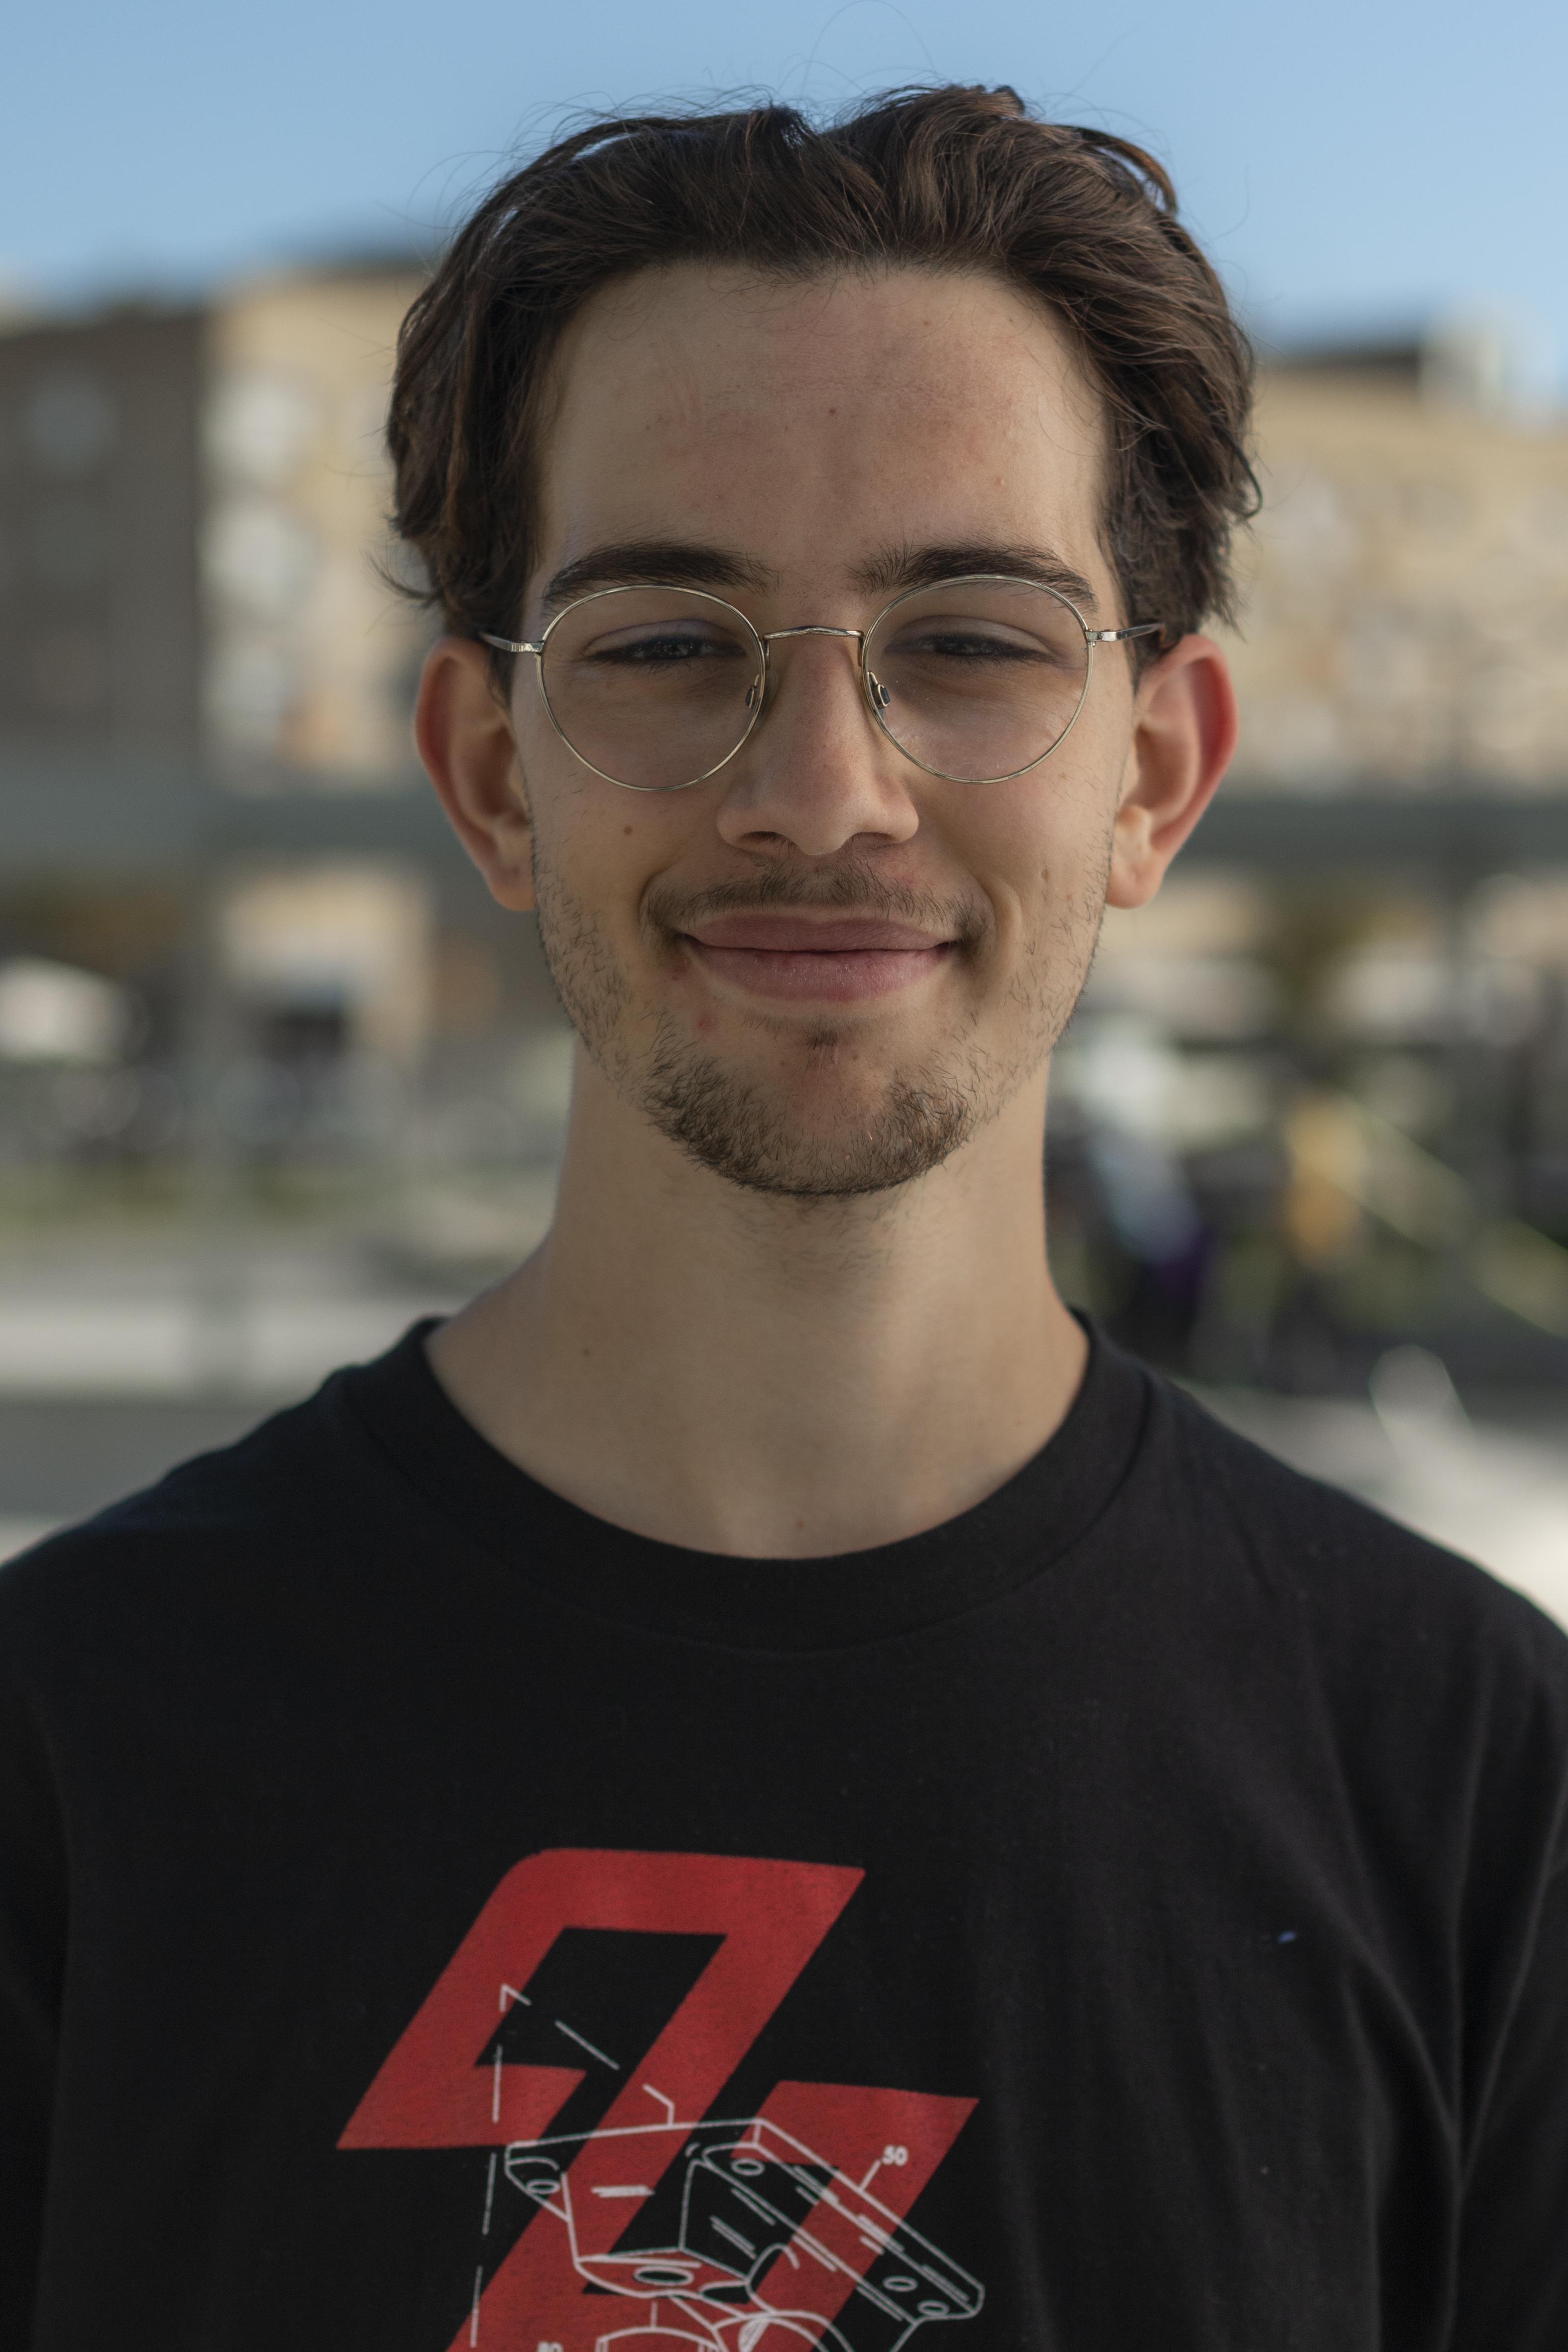 Samuel Colominas